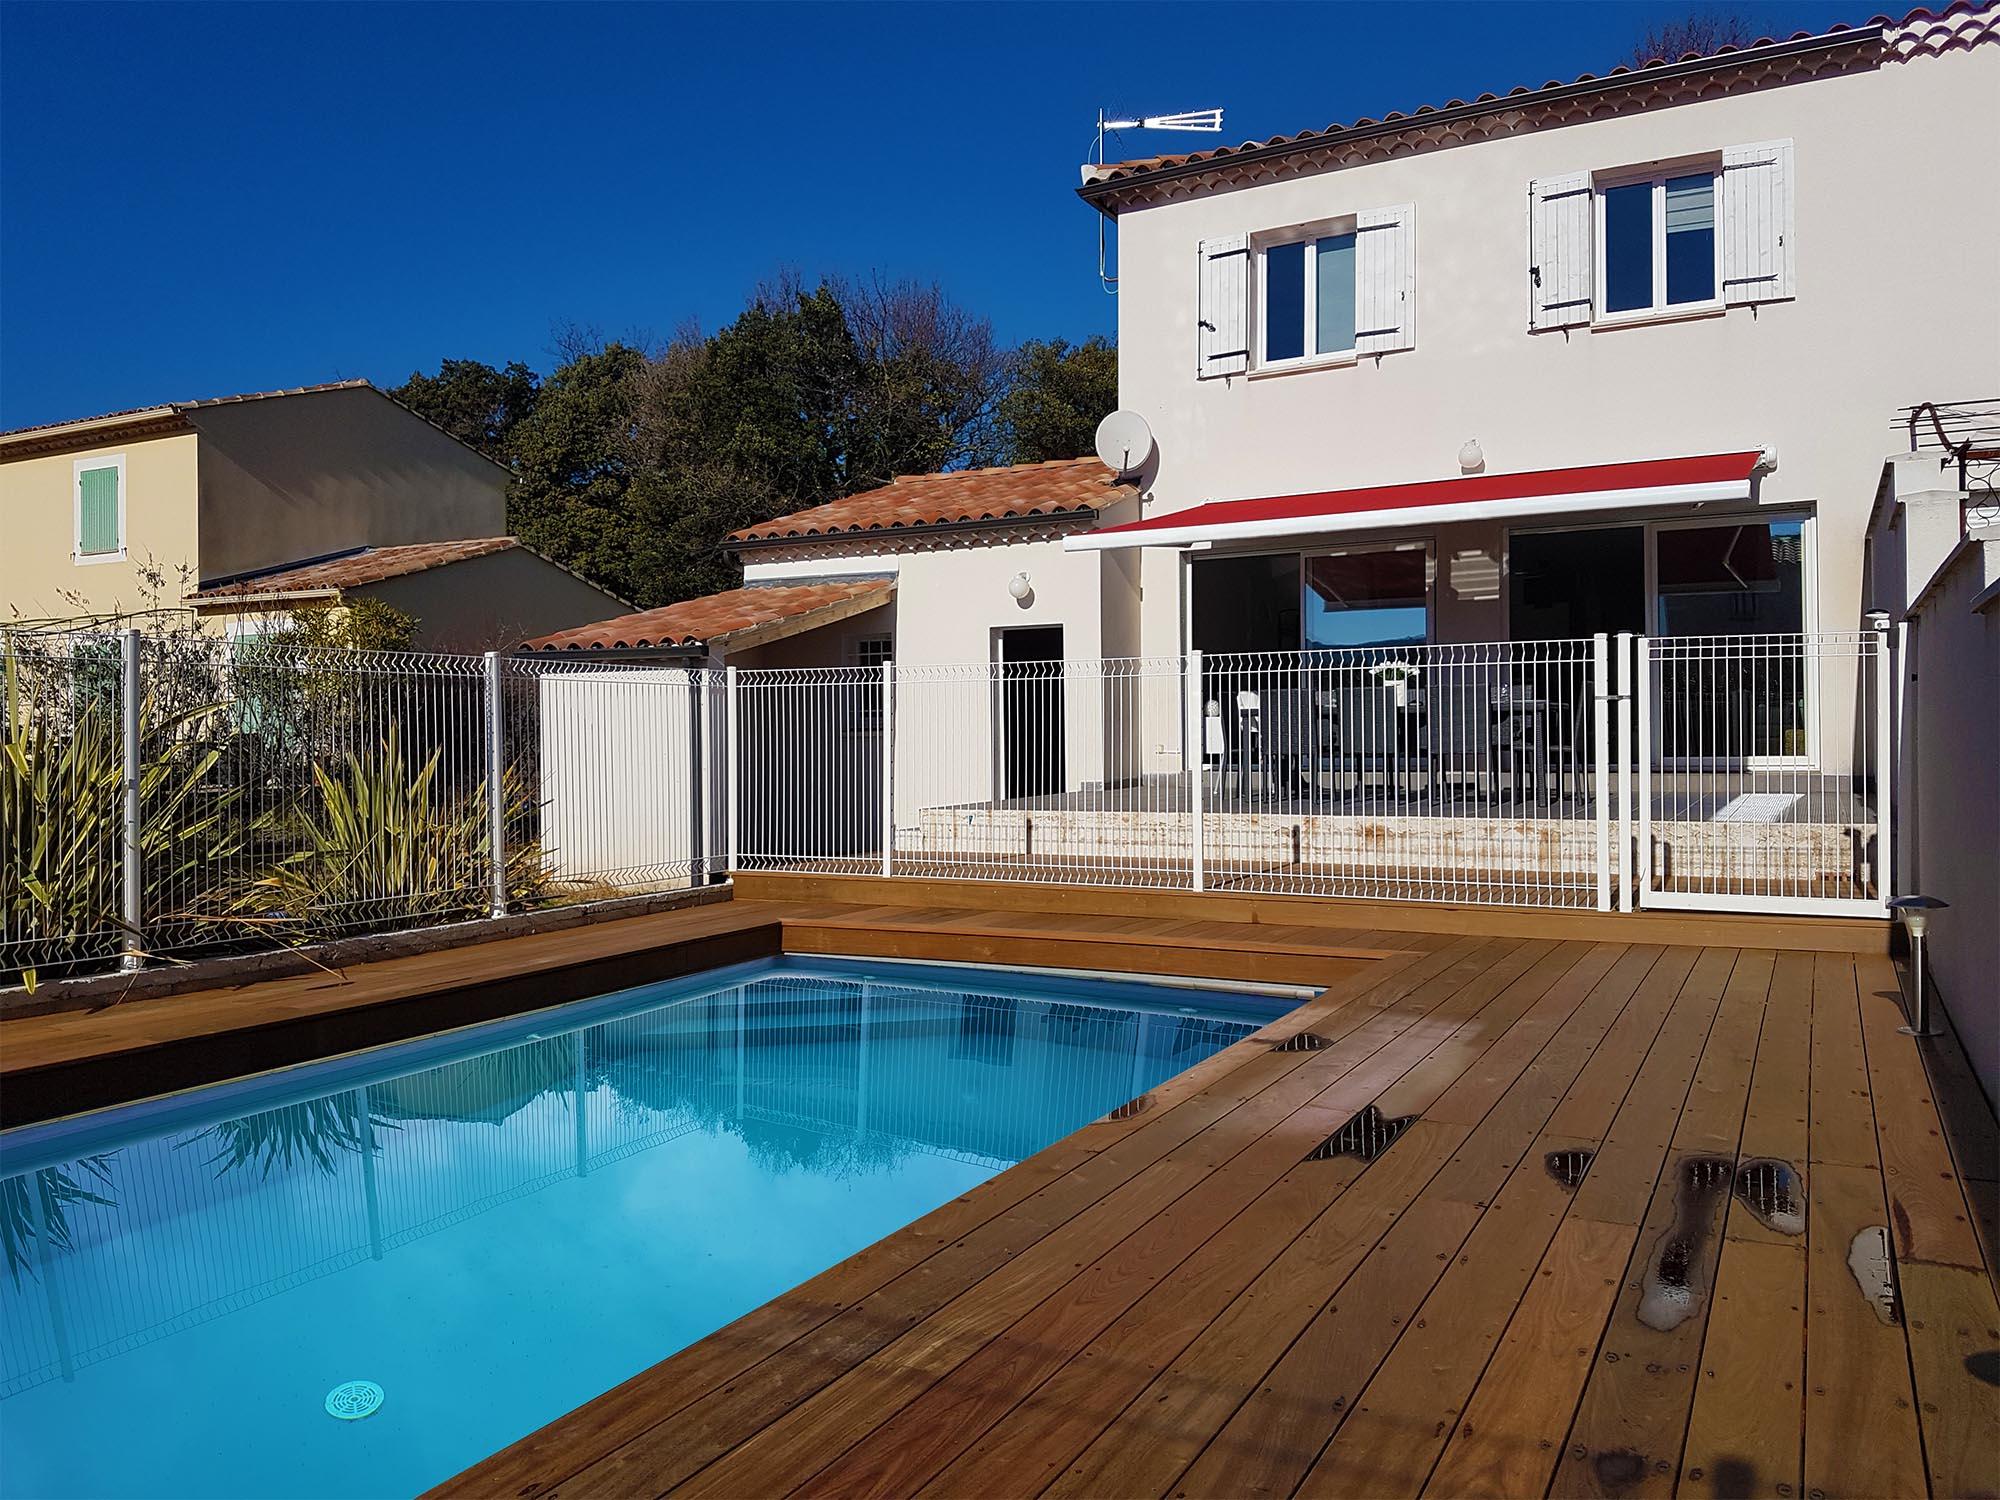 apd30lir1-maison avec piscine chauffée